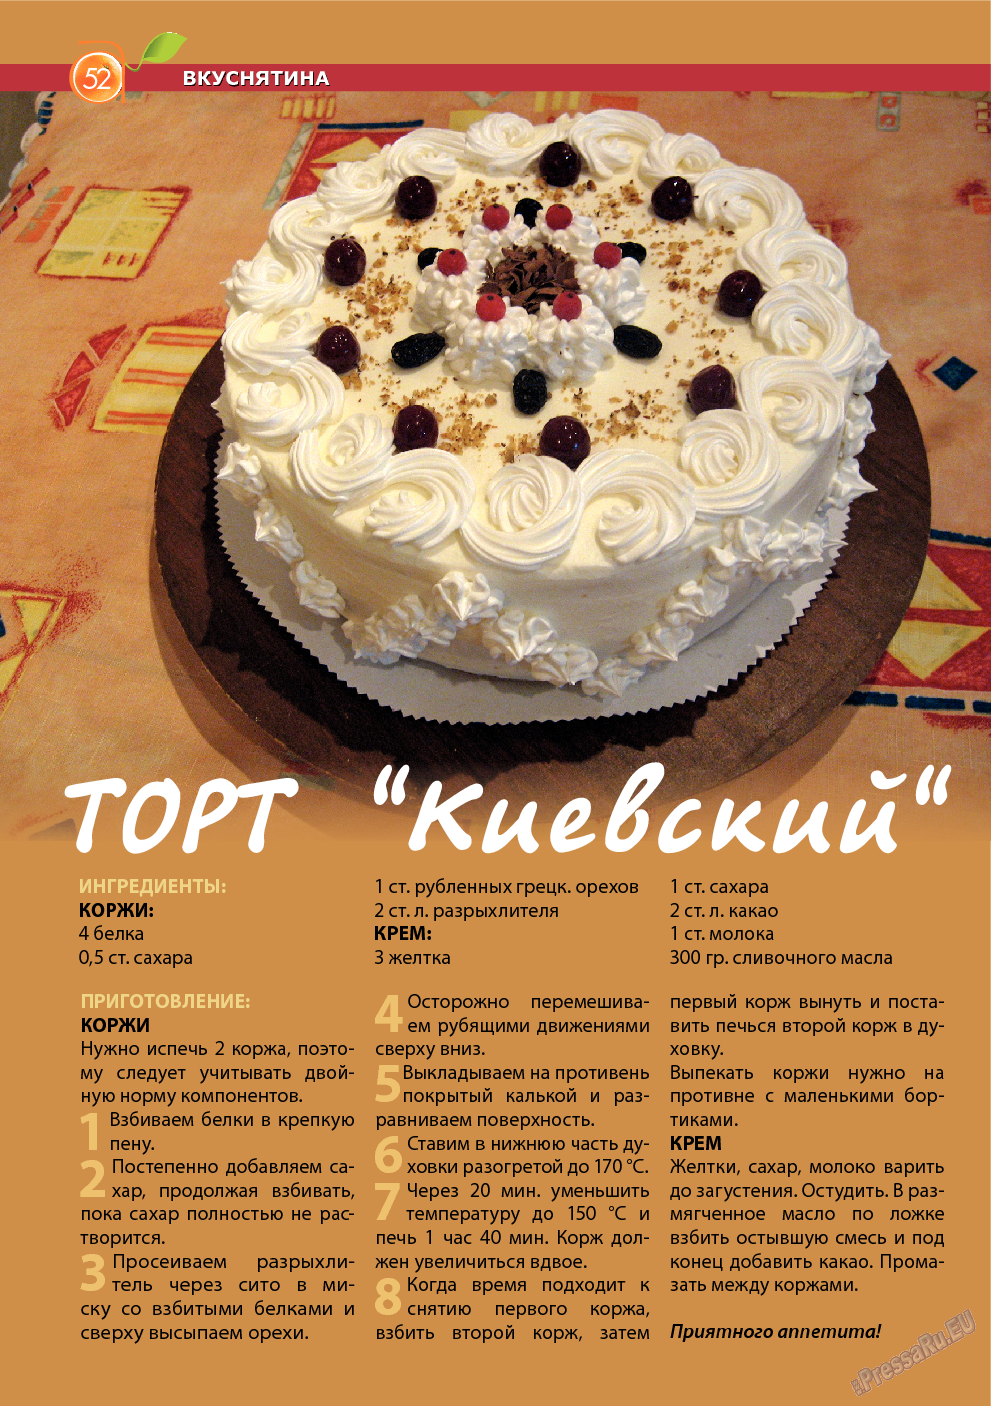 Апельсин (журнал). 2014 год, номер 56, стр. 50